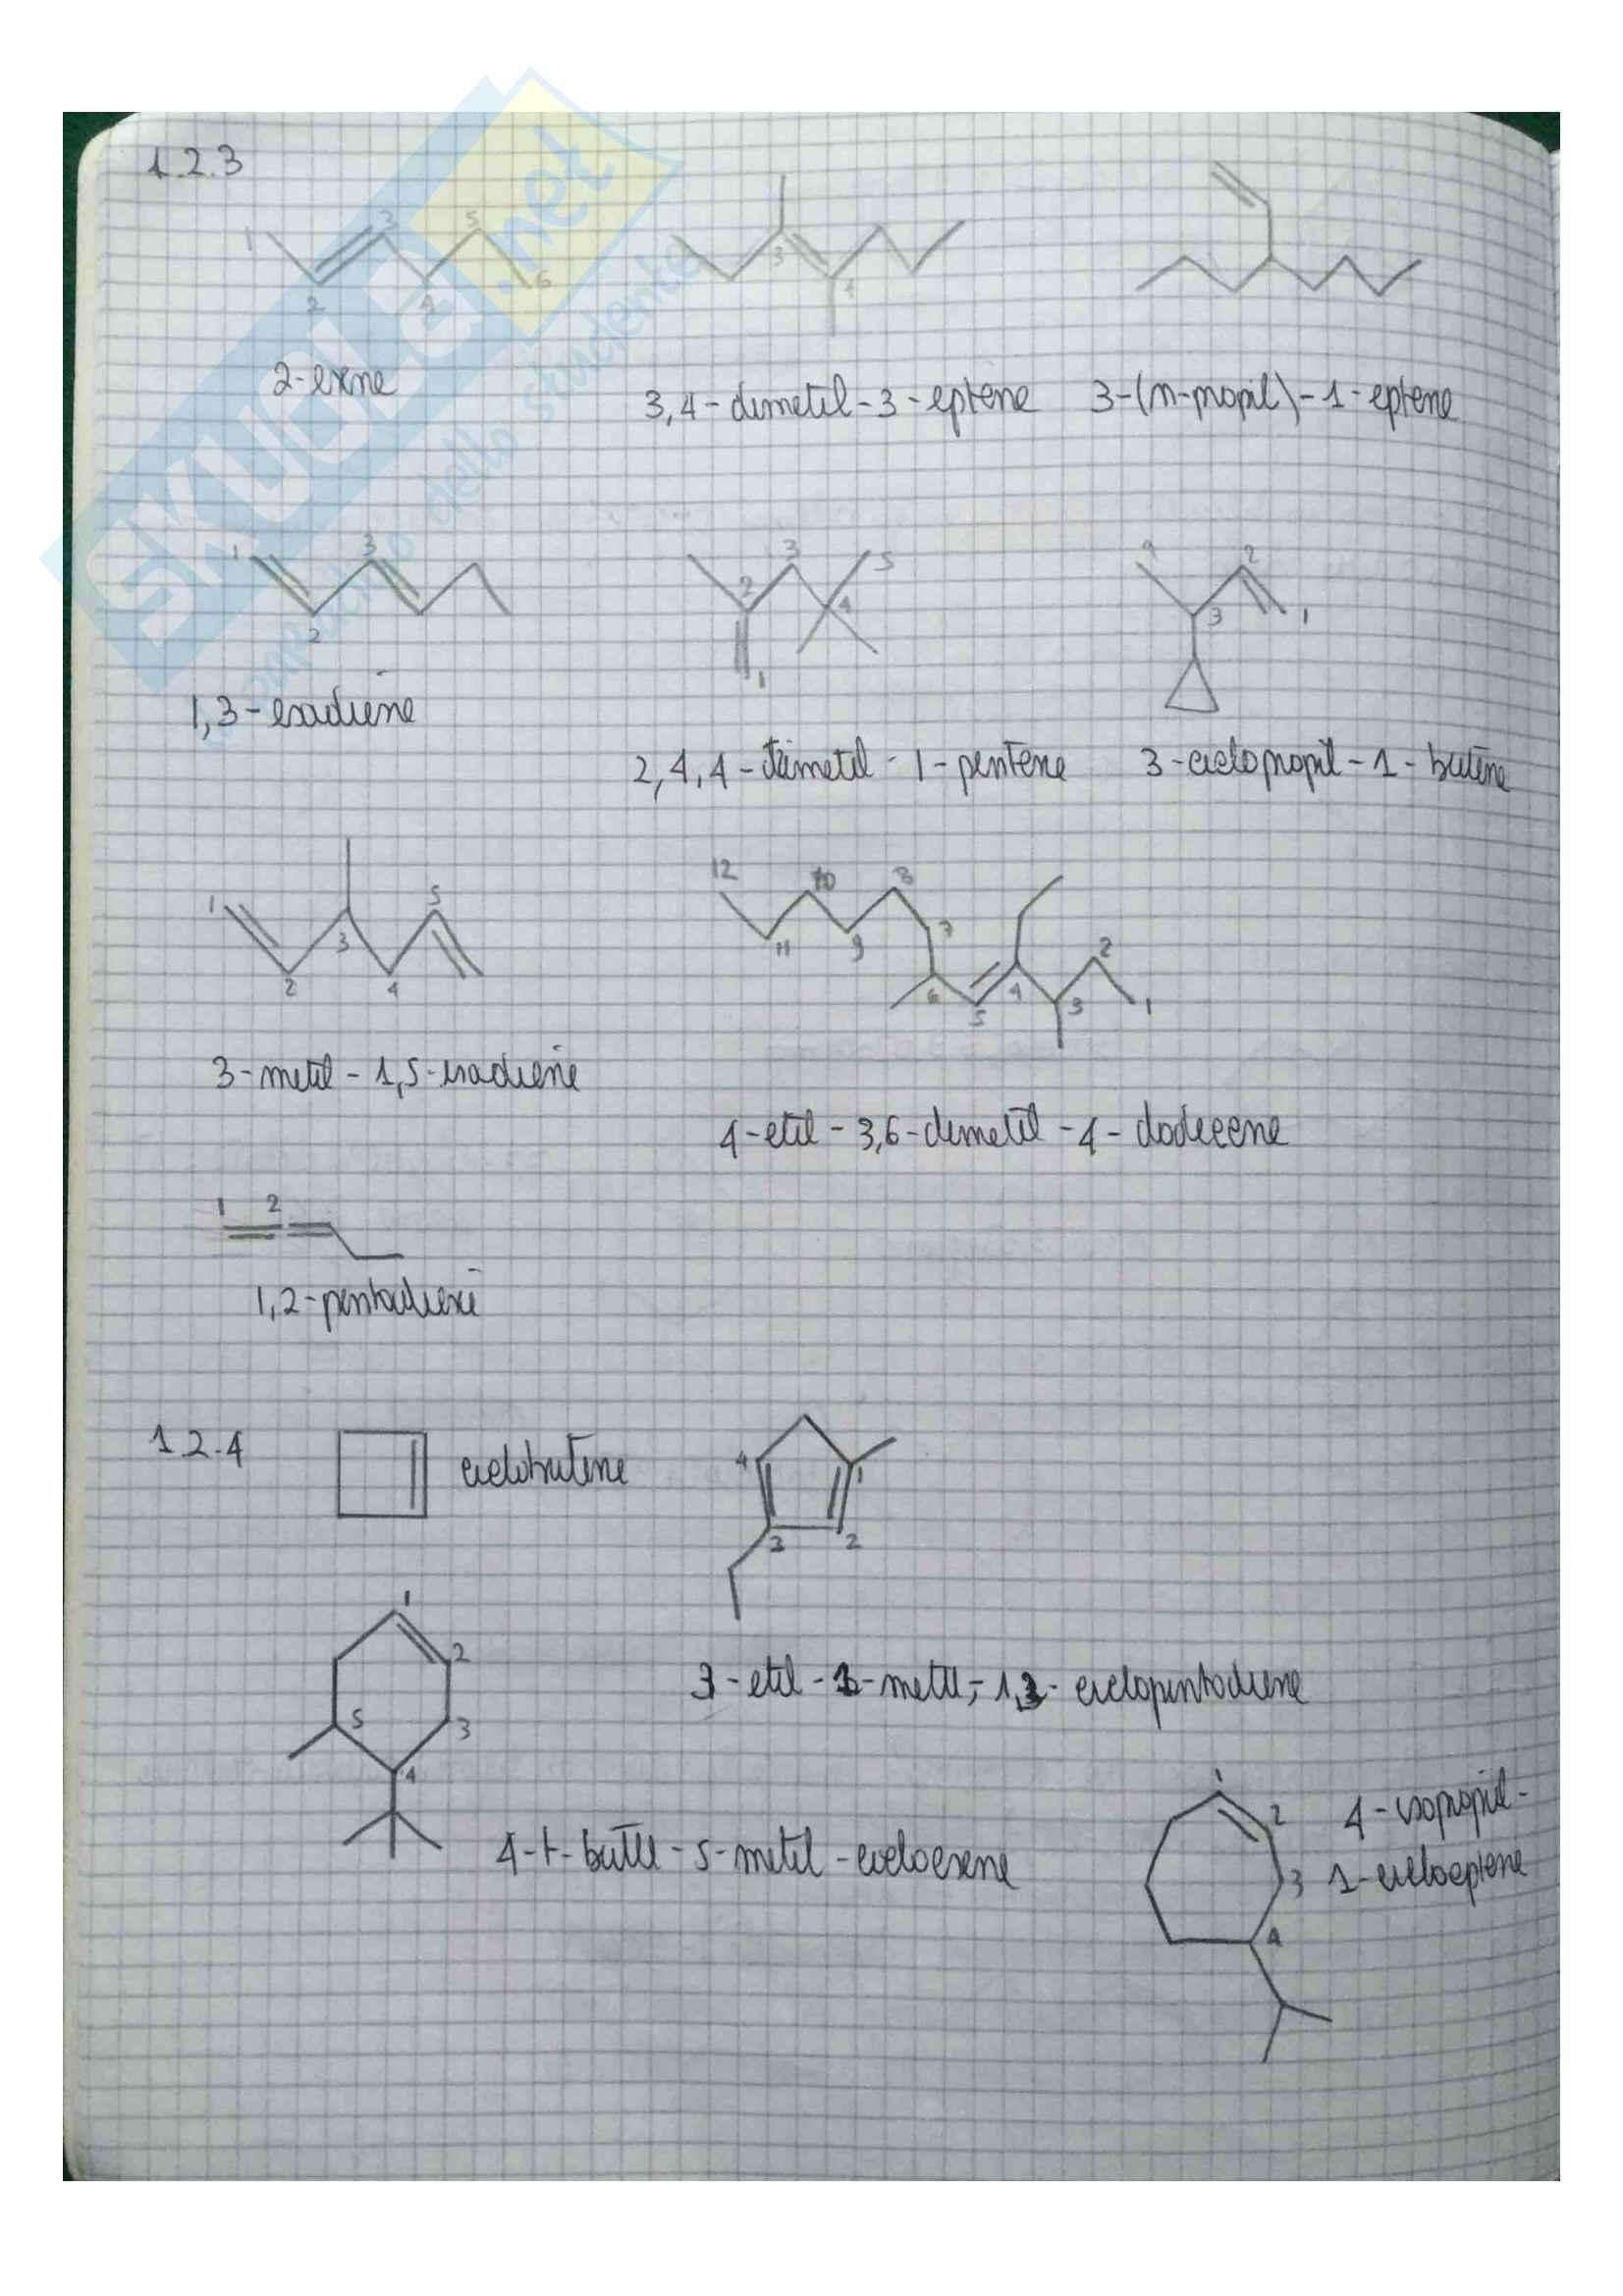 Complementi di Chimica Organica 1: Esercizi e Teoria Pag. 11